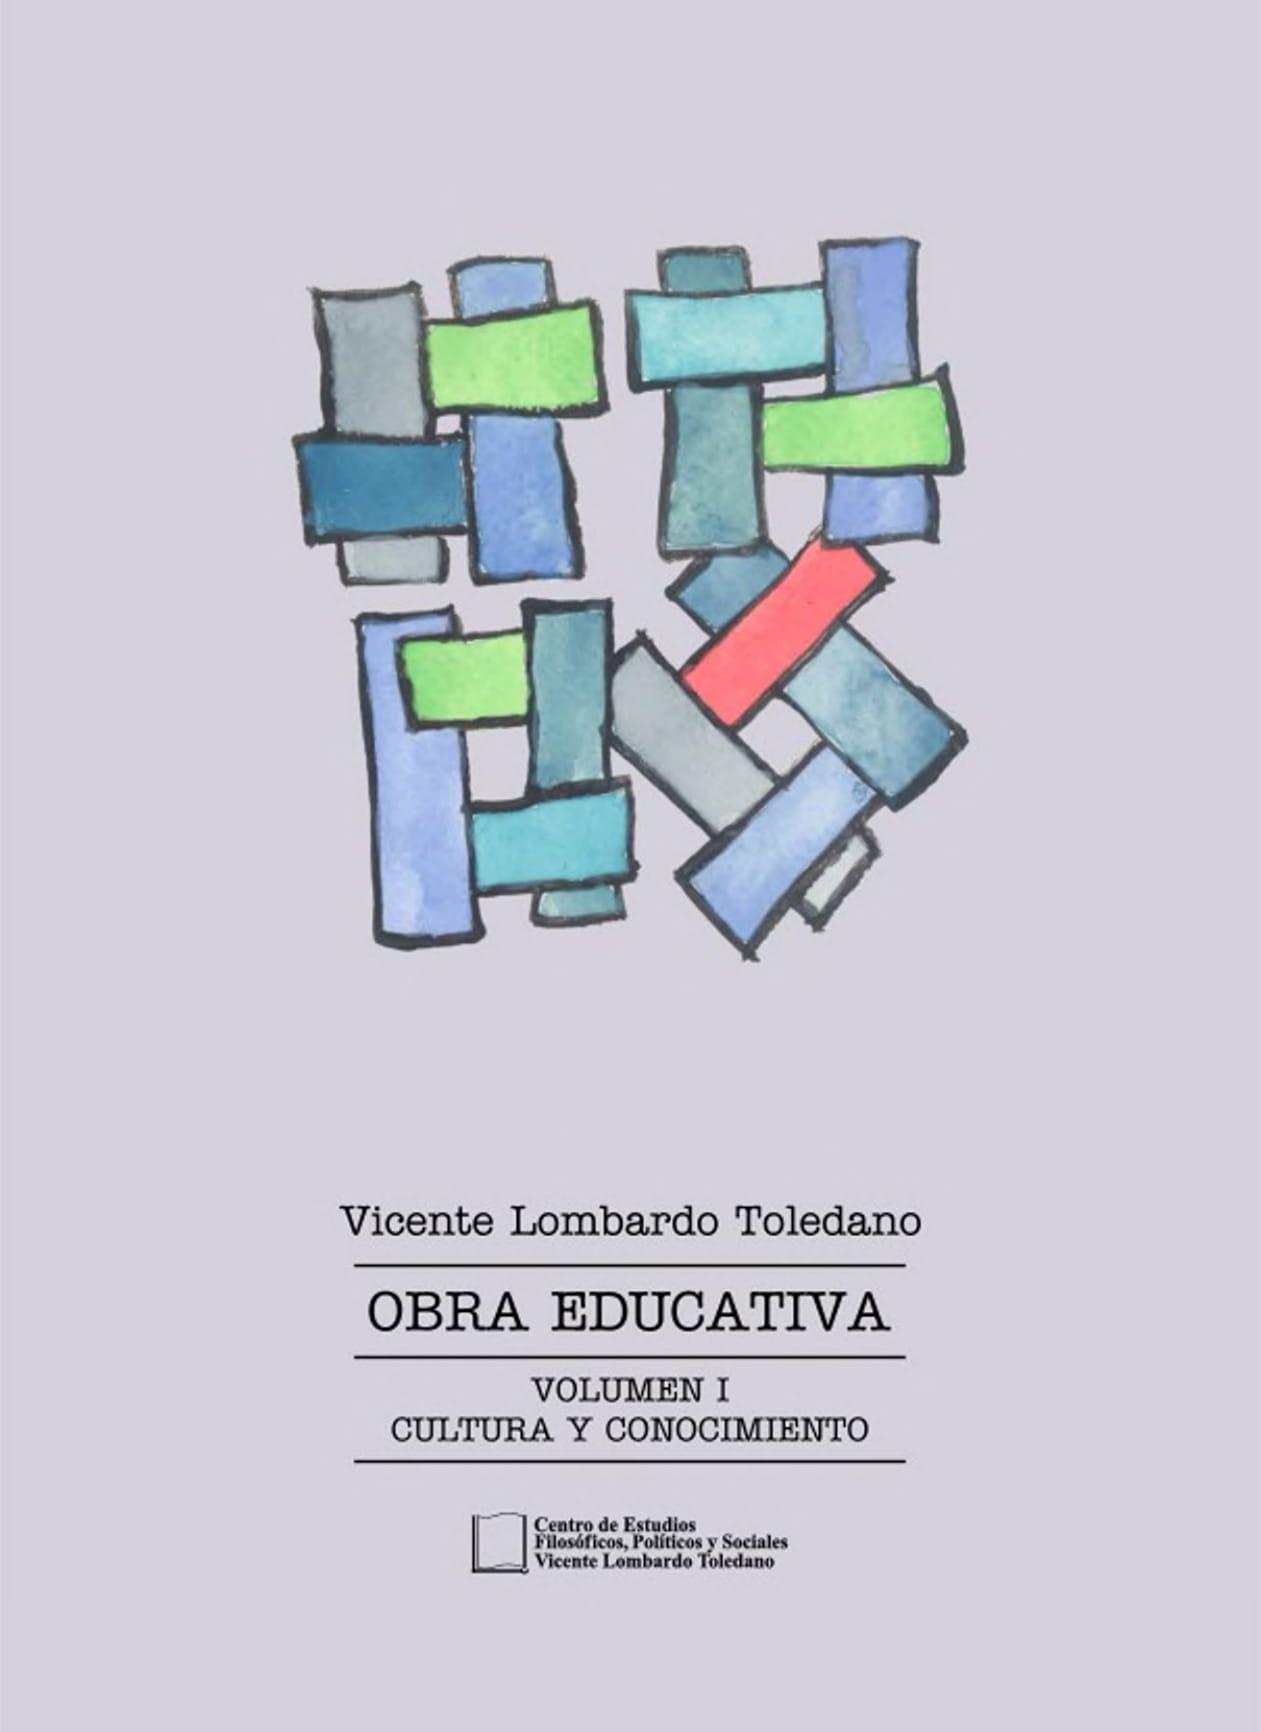 Portada del libro: Obra educativa vol. I: estructura de la educación en México